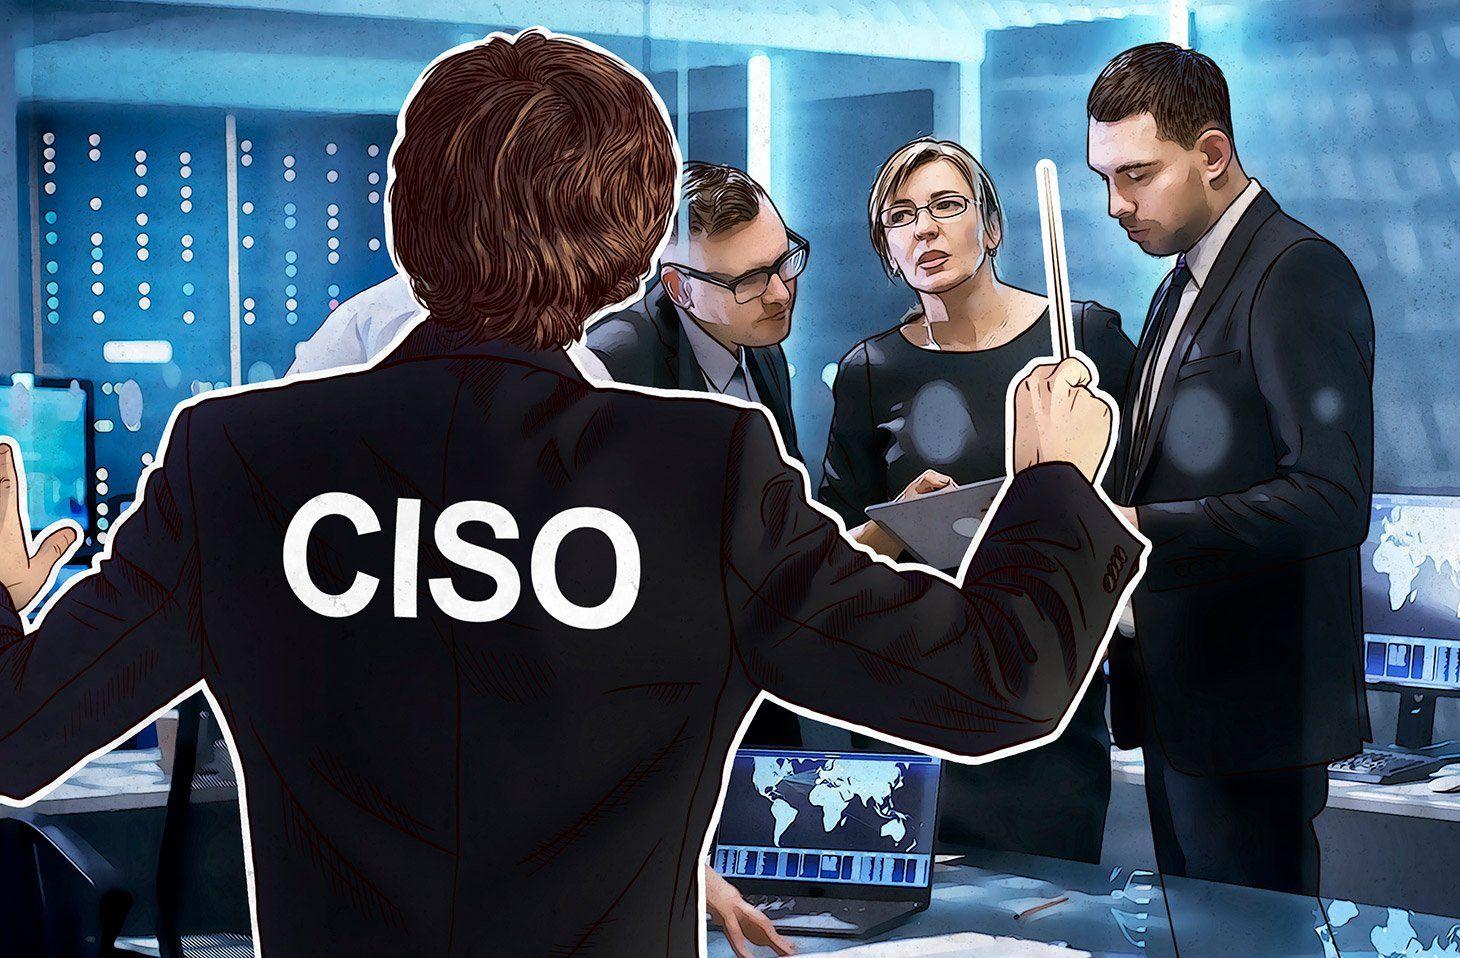 Les secrets des RSSI : réussite et qualités de leader en matière de sécurité informatique des entreprises